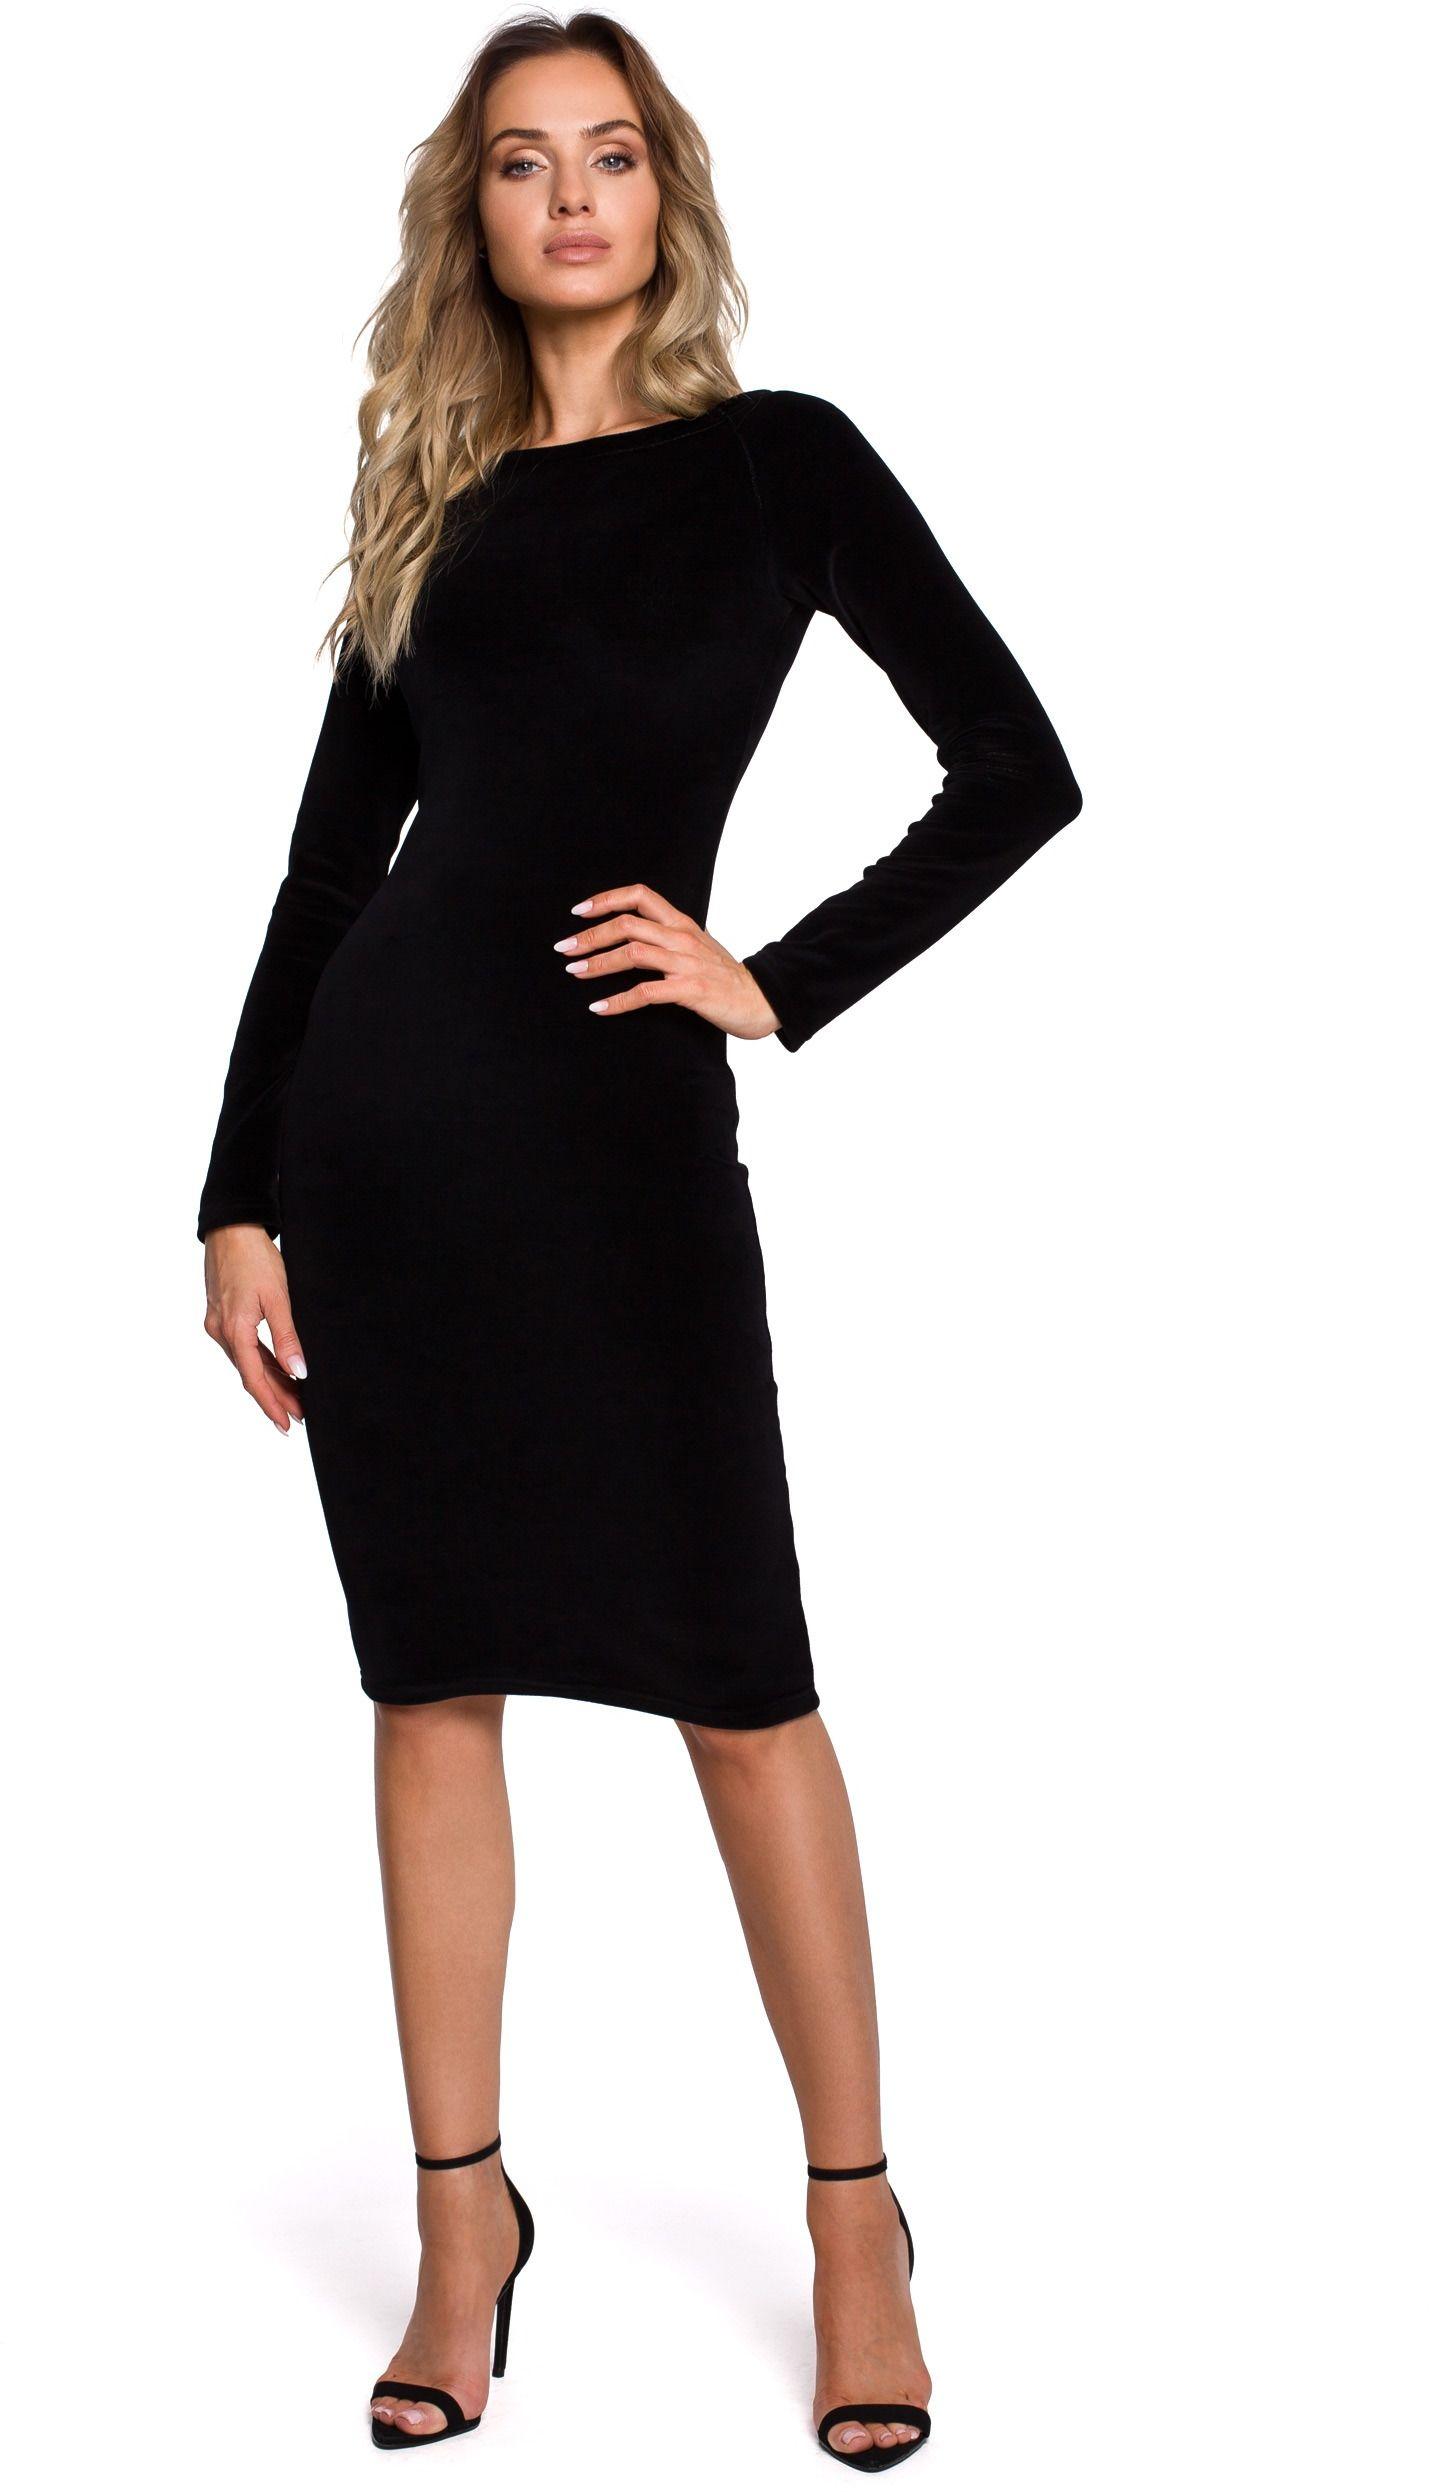 Czarna klasyczna ołówkowa sukienka welurowa